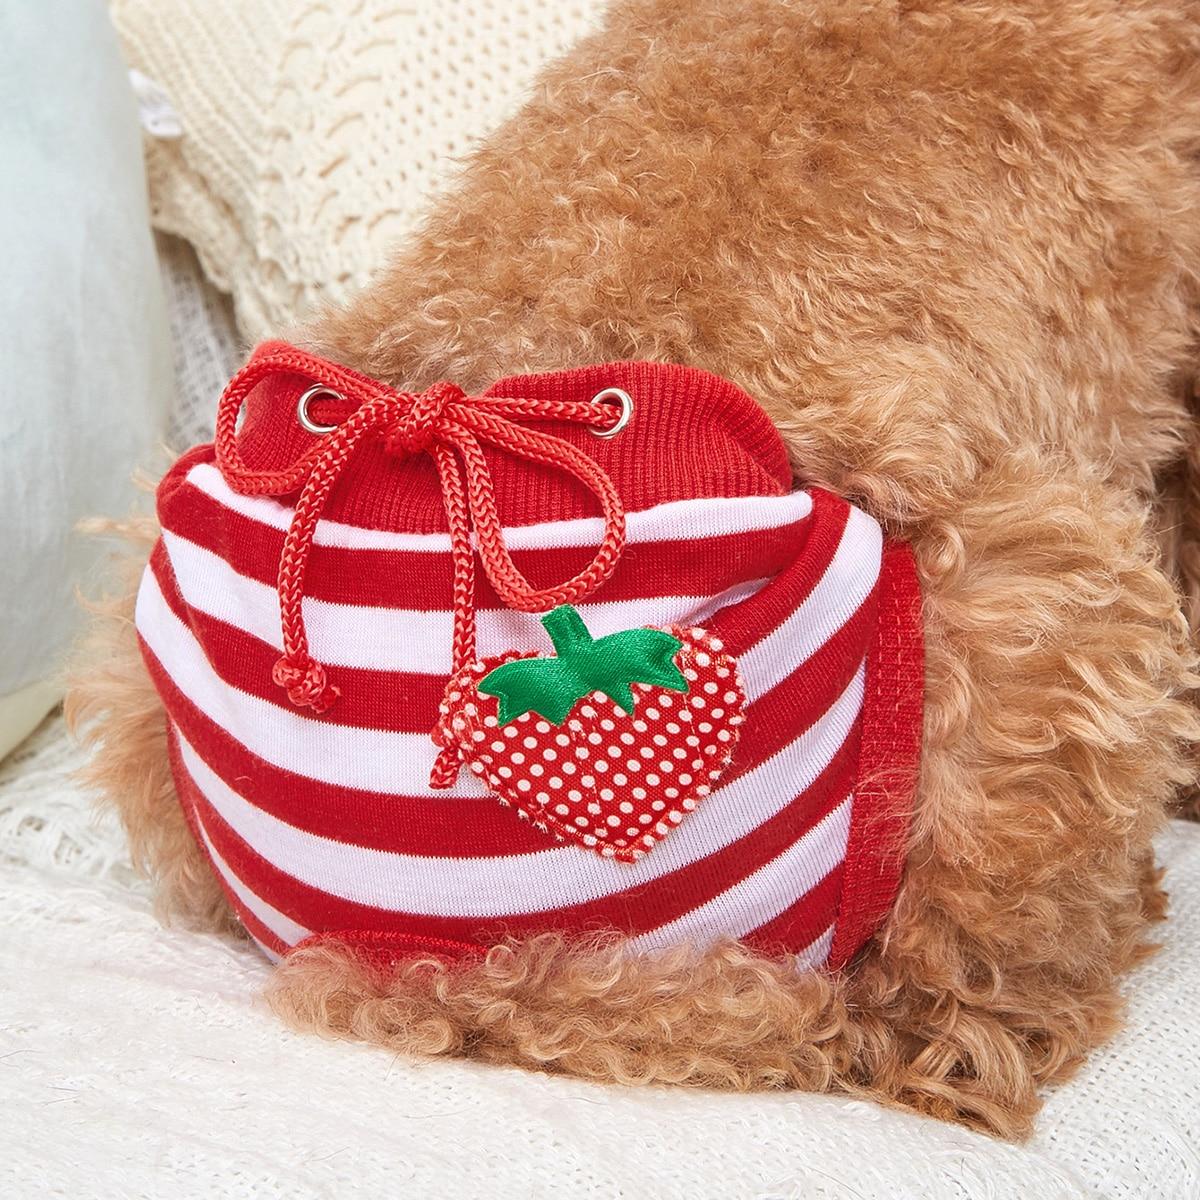 Hund Hygienehose mit Erdbeere Dekor und Streifen